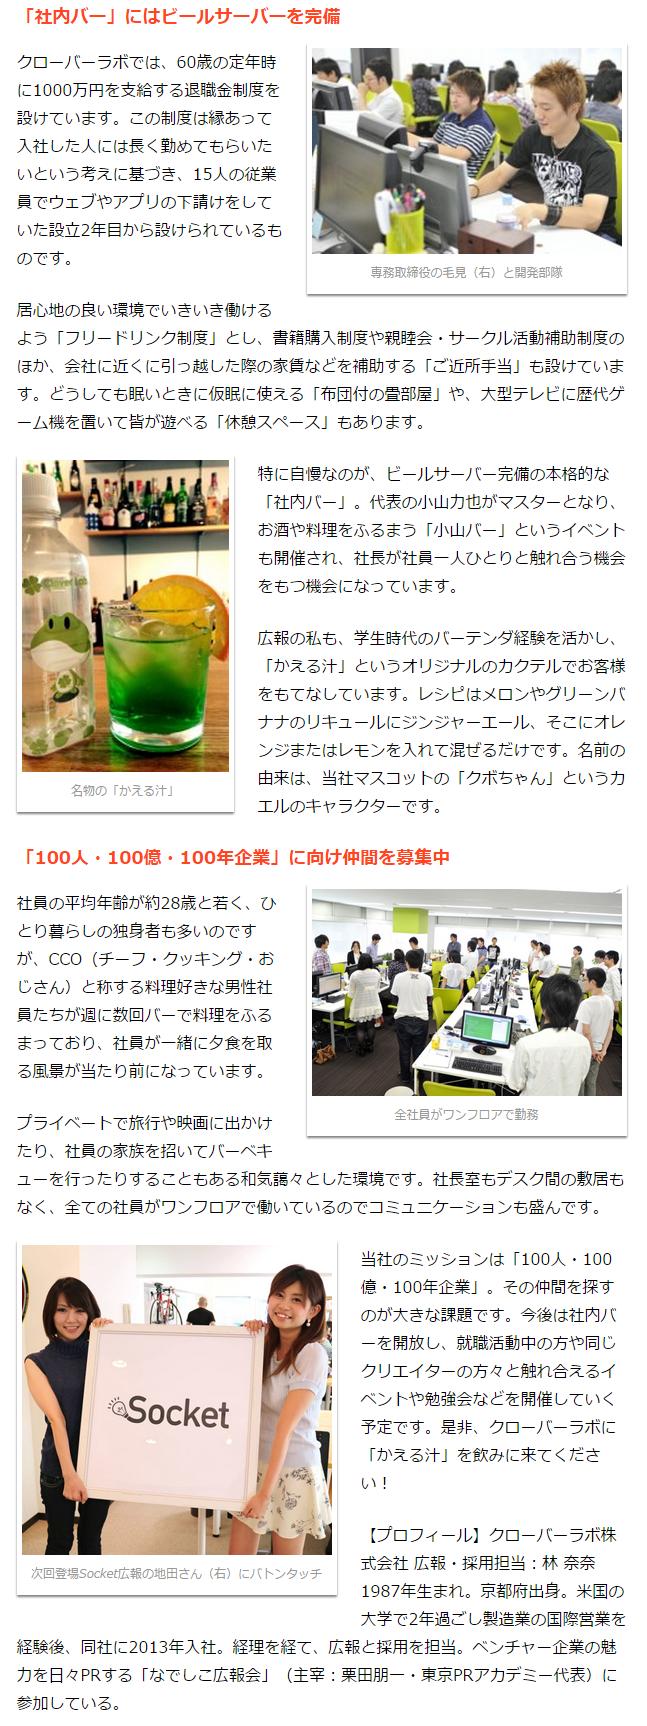 150825②大阪のベンチャー・クローバーラボでは、広報部員が社内バーで「かえる汁」を作ってくれるらしい!?   キャリコネニュース